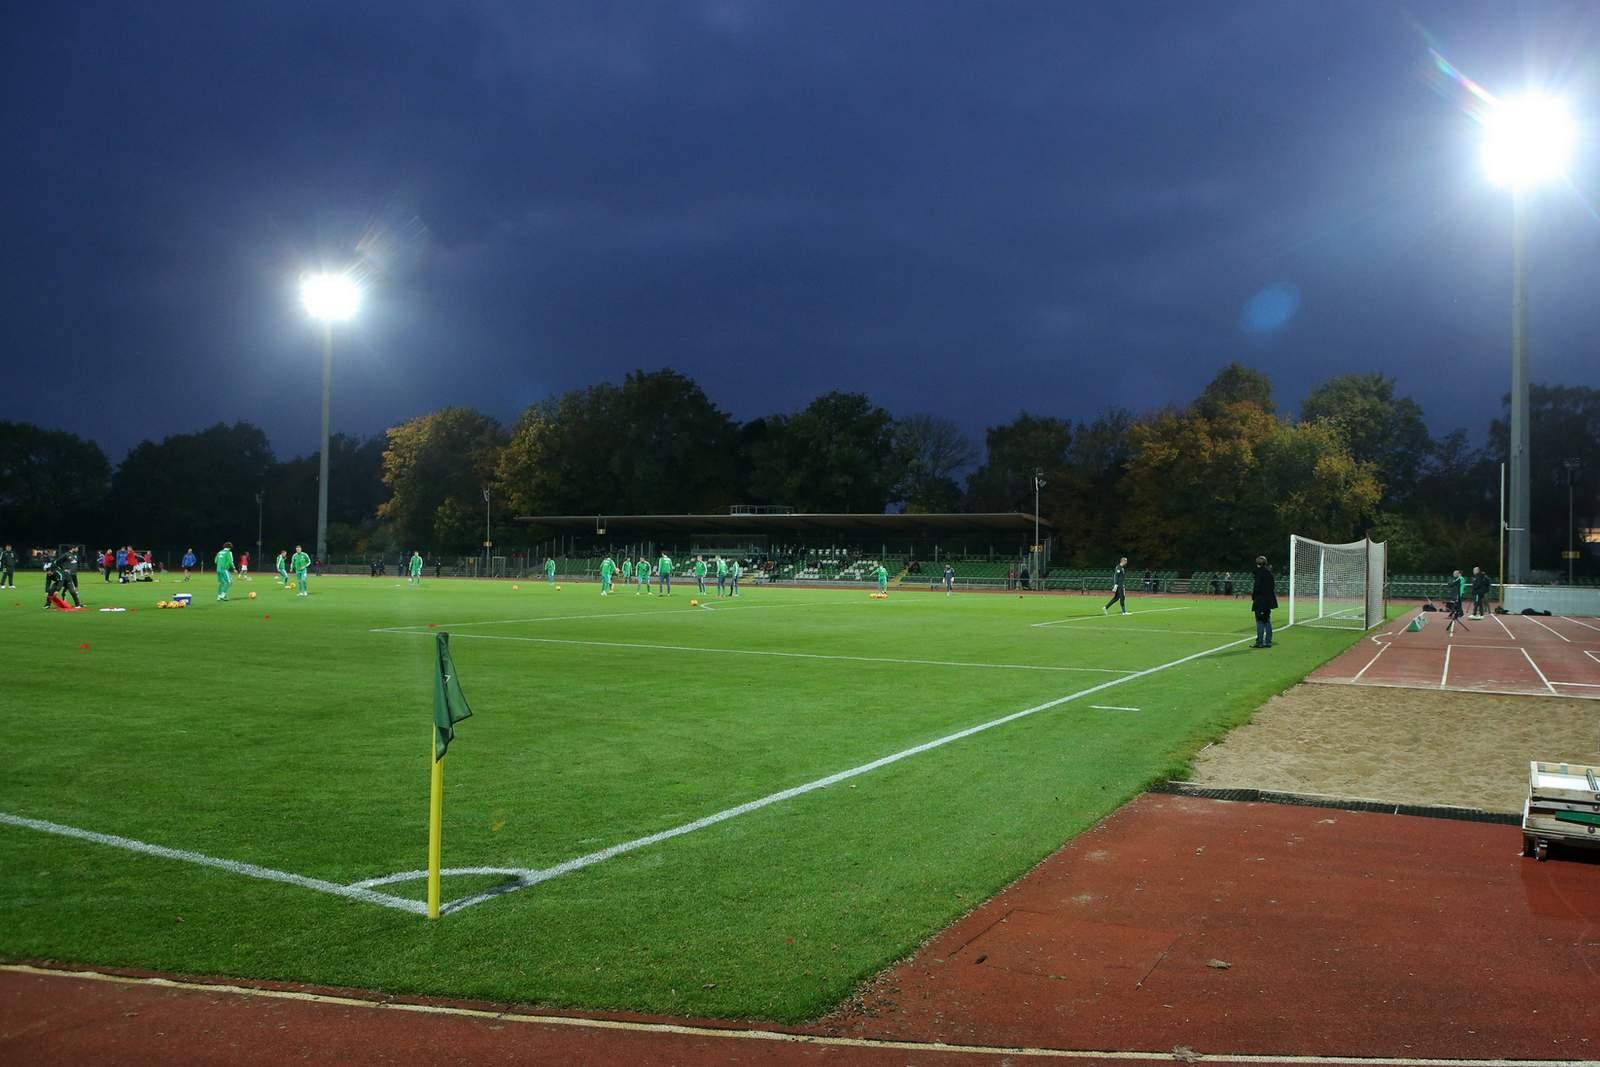 Bremens Nachwuchs trägt auf Platz 11 seine Heimspiele aus.